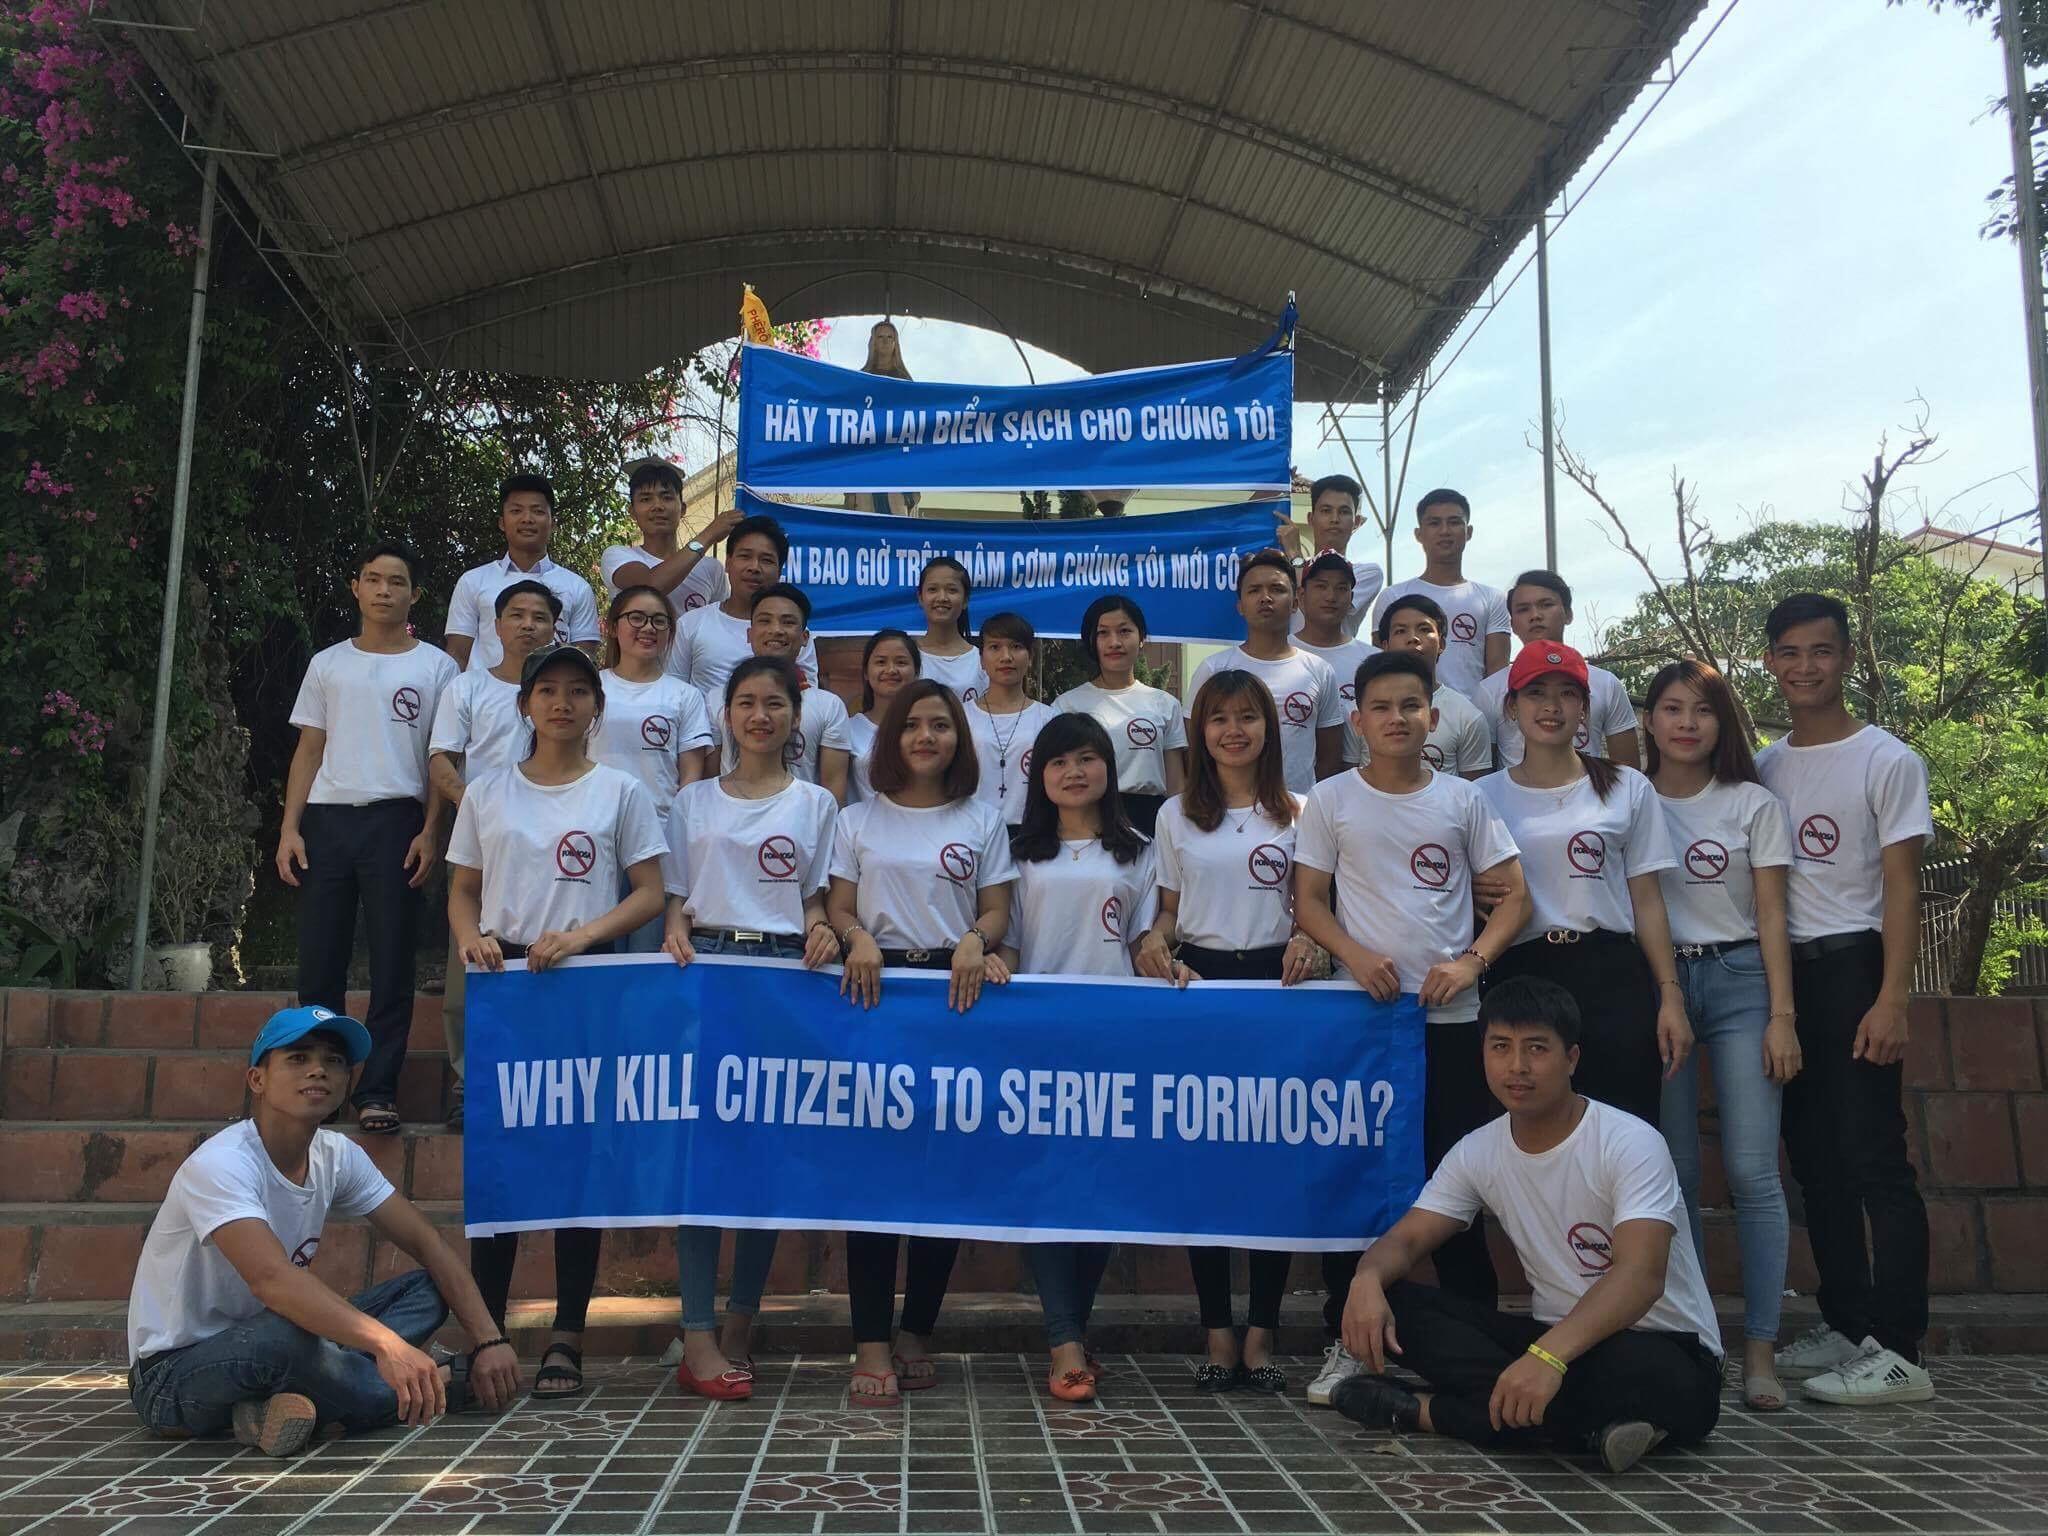 Giới trẻ Nghệ An xuống đường bảo vệ môi trường trong ngày 30/4